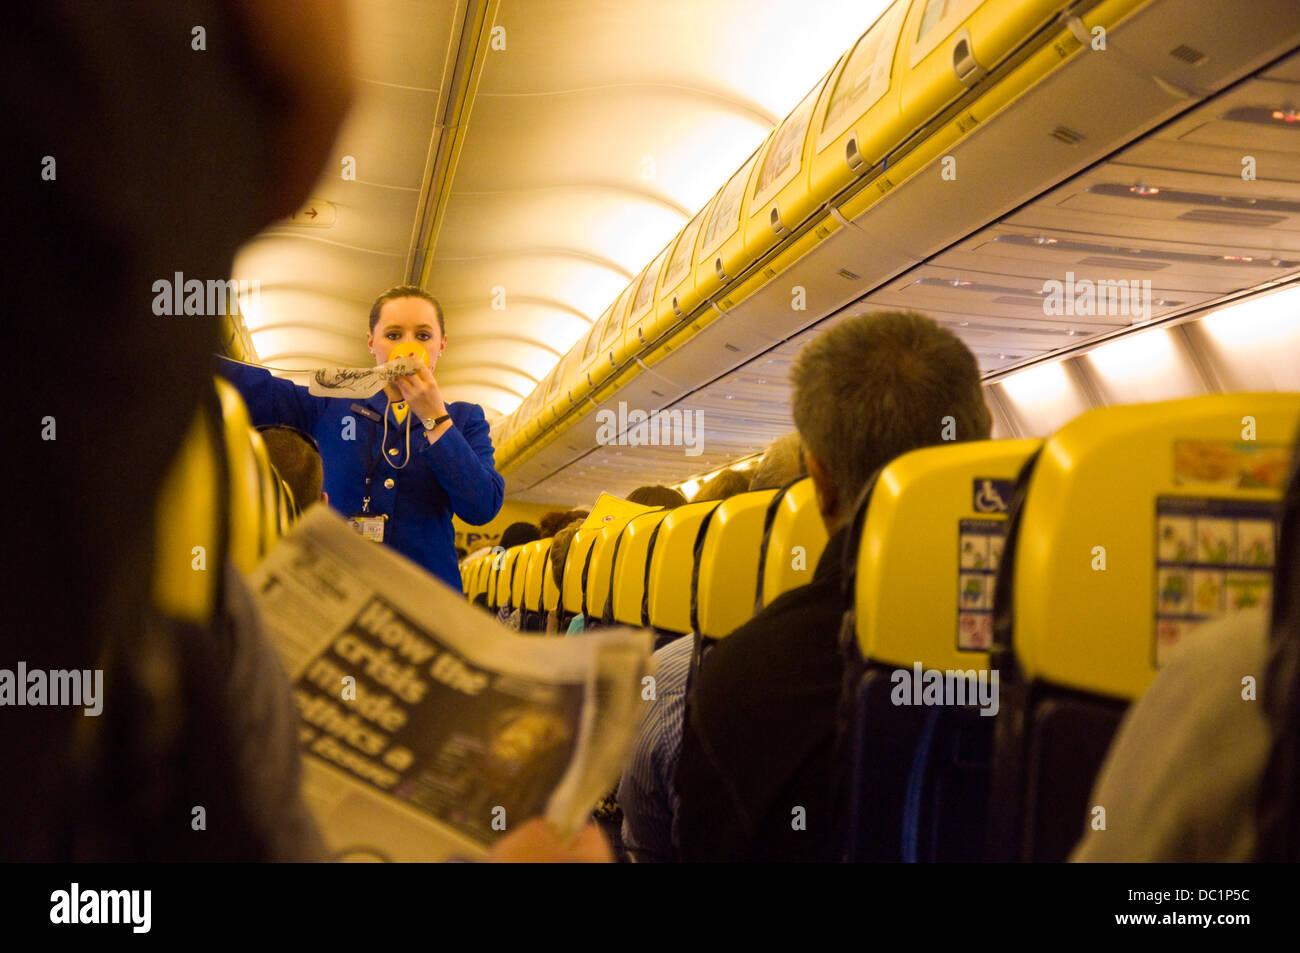 La démonstration de la sûreté à bord d'un vol Ryanair certains passagers ignorer le journal Photo Stock